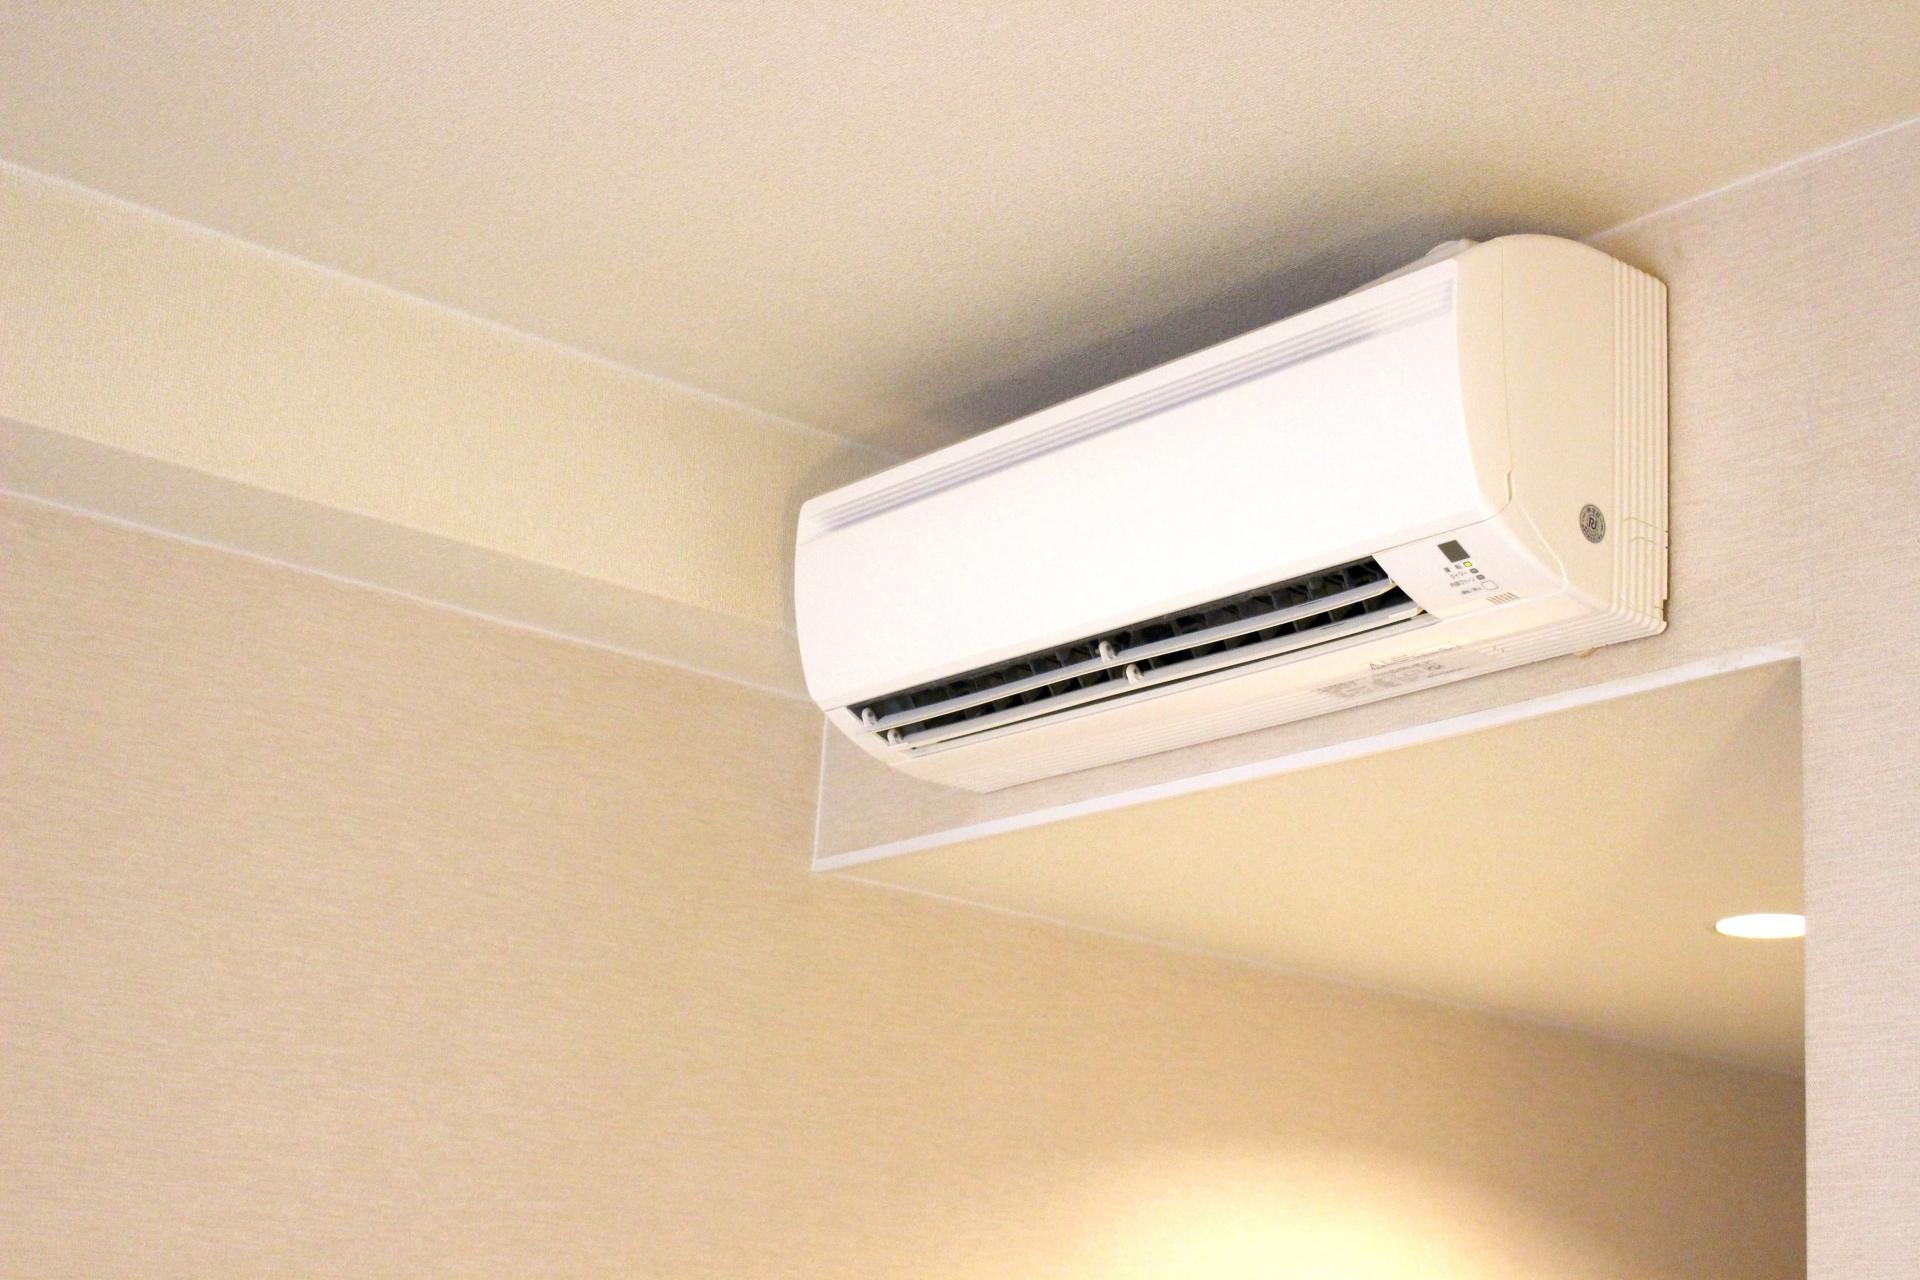 家庭用エアコンのクリーニングについて